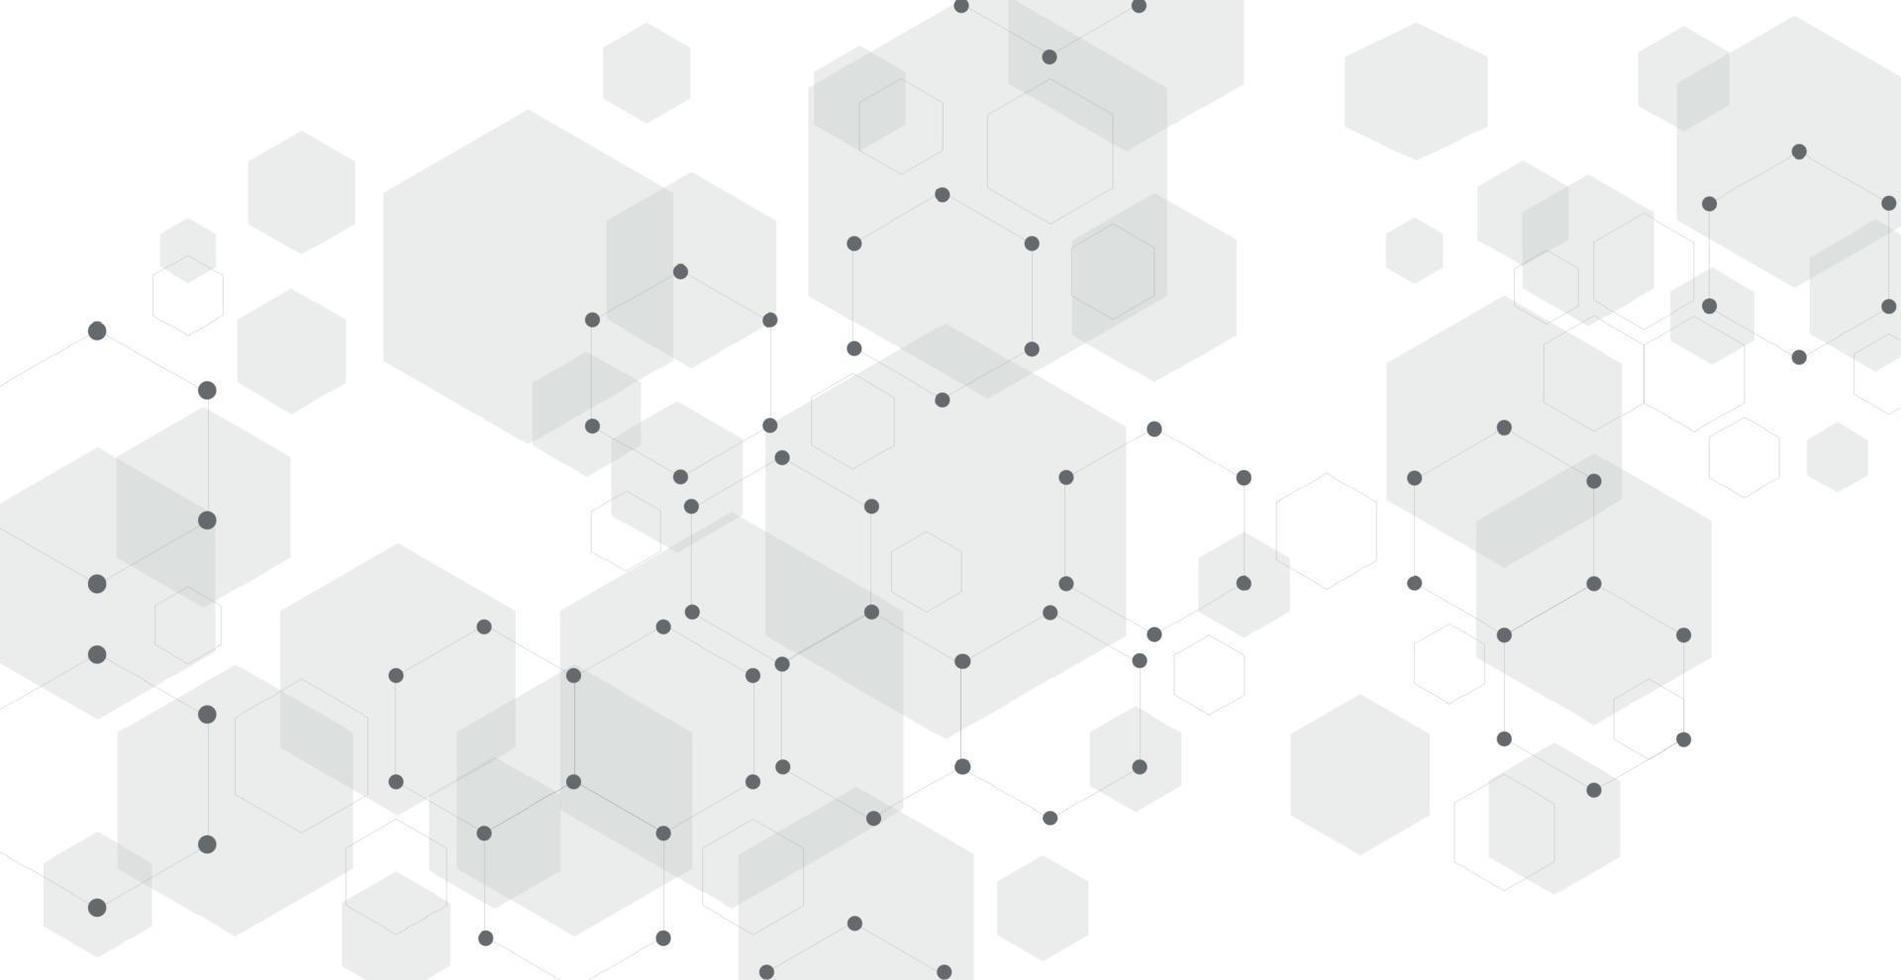 fondo blanco de puntos, líneas y hexágonos - vector